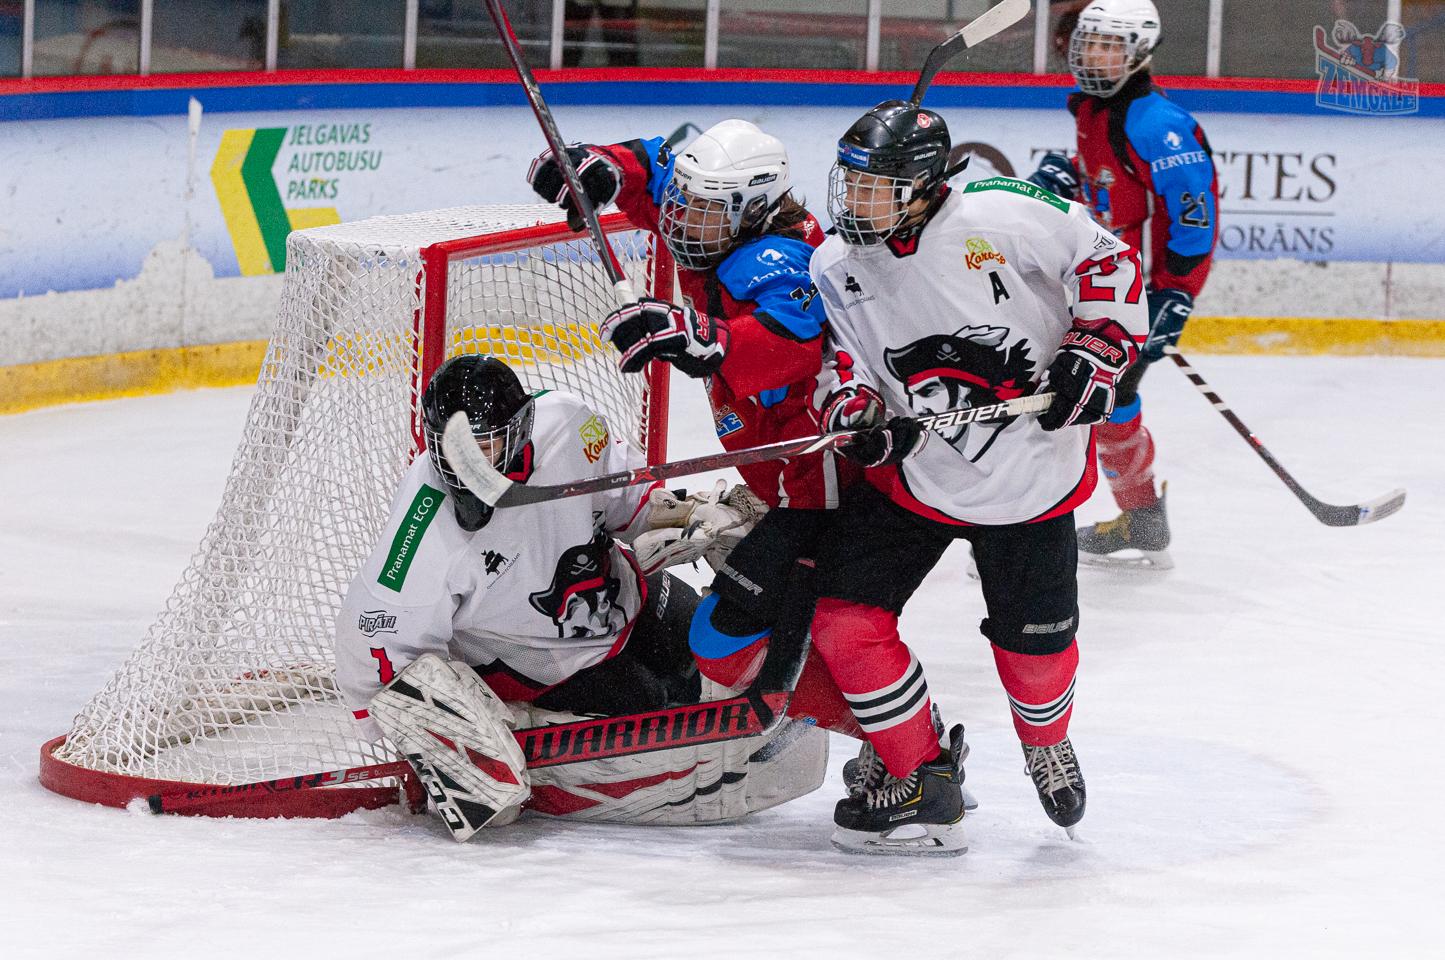 """Latvijas bērnu un jauniešu hokeja čempionāta regulārā turnīra spēle starp HK """"JLSS U17"""" un HK """"Pirāti"""" Jelgavas ledus hallē 2019. gada 2. novembrī. Foto: Ruslans Antropovs, rusantro.com"""